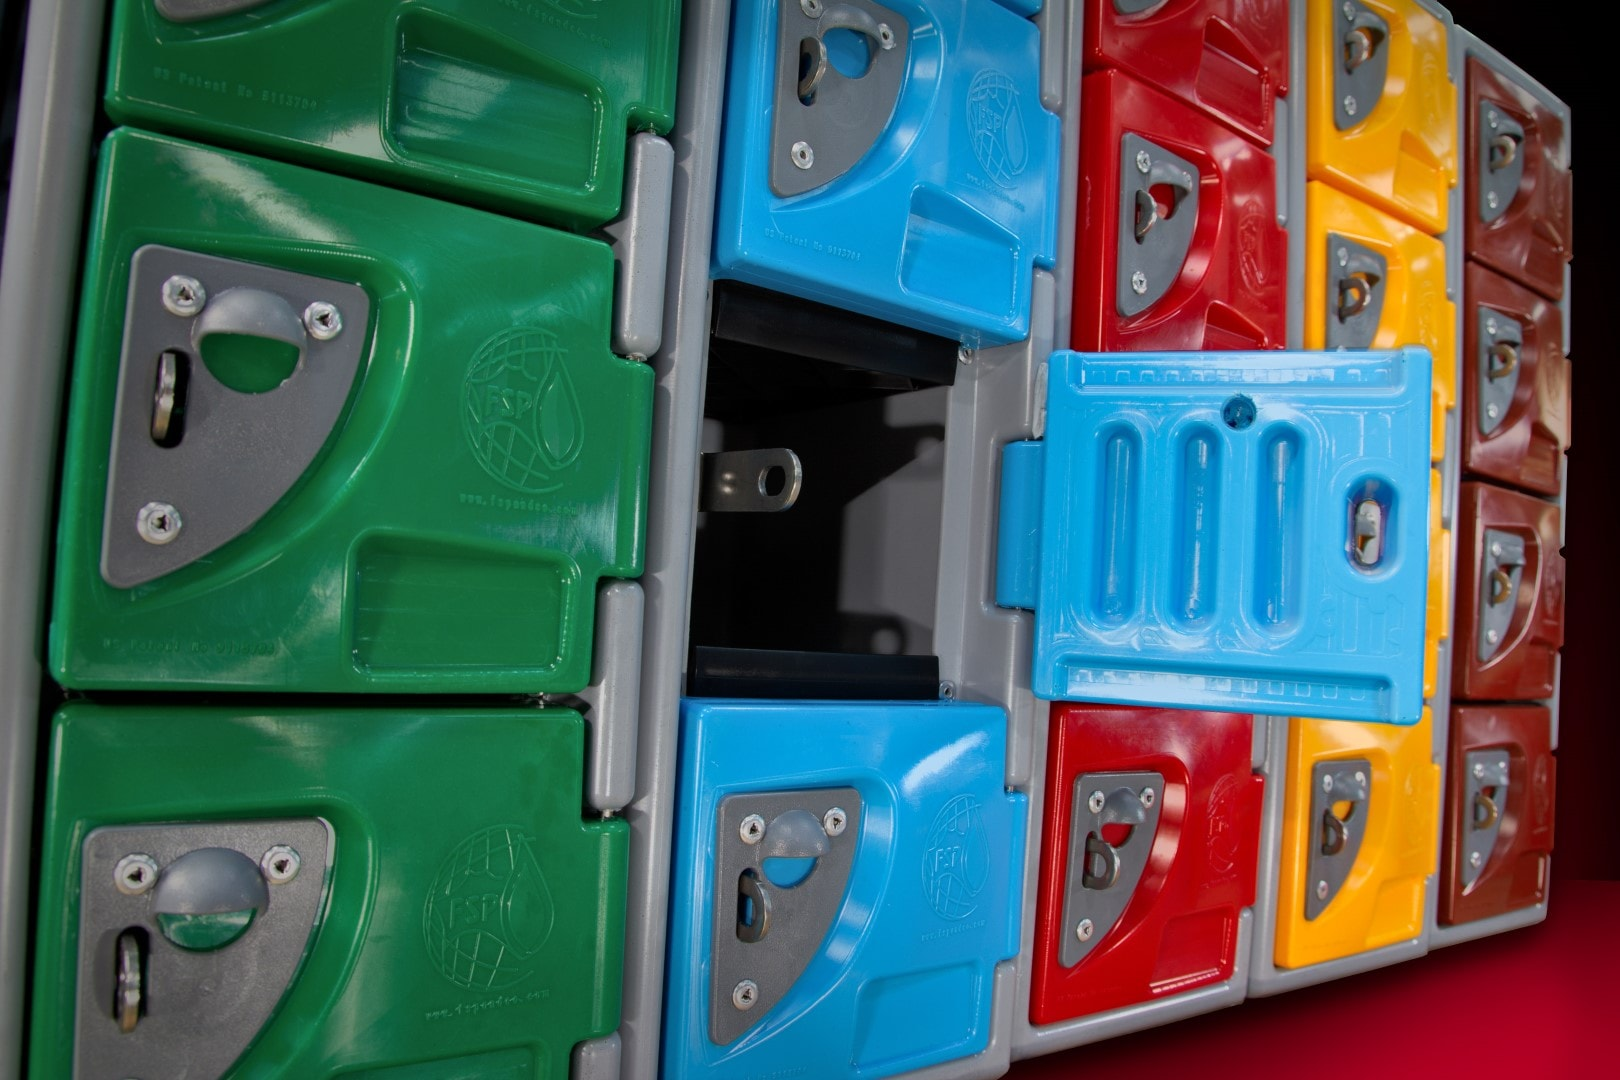 f-series-locker-side-group-1-door-open-1080px-min